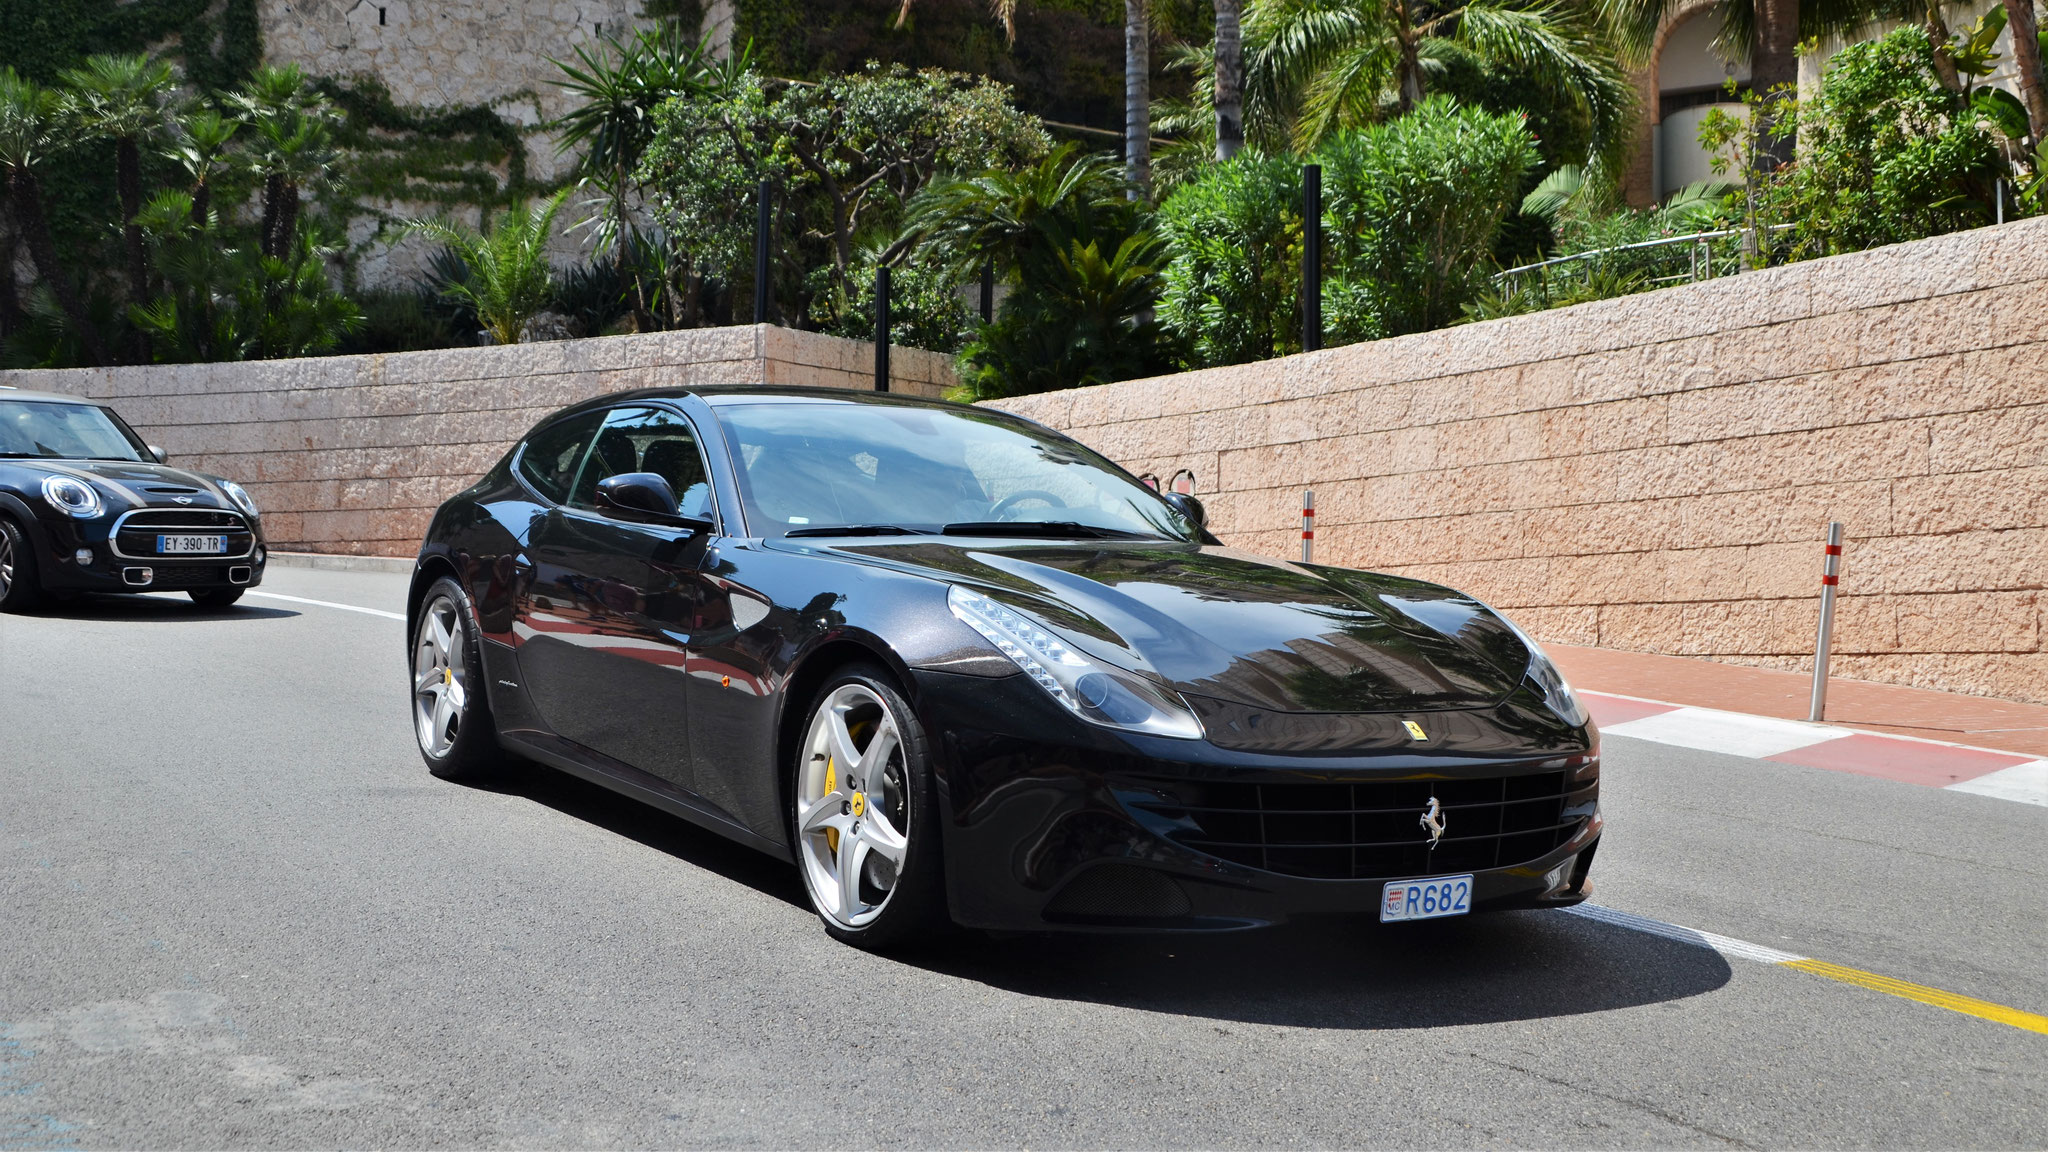 Ferrari FF - R682 (MC)